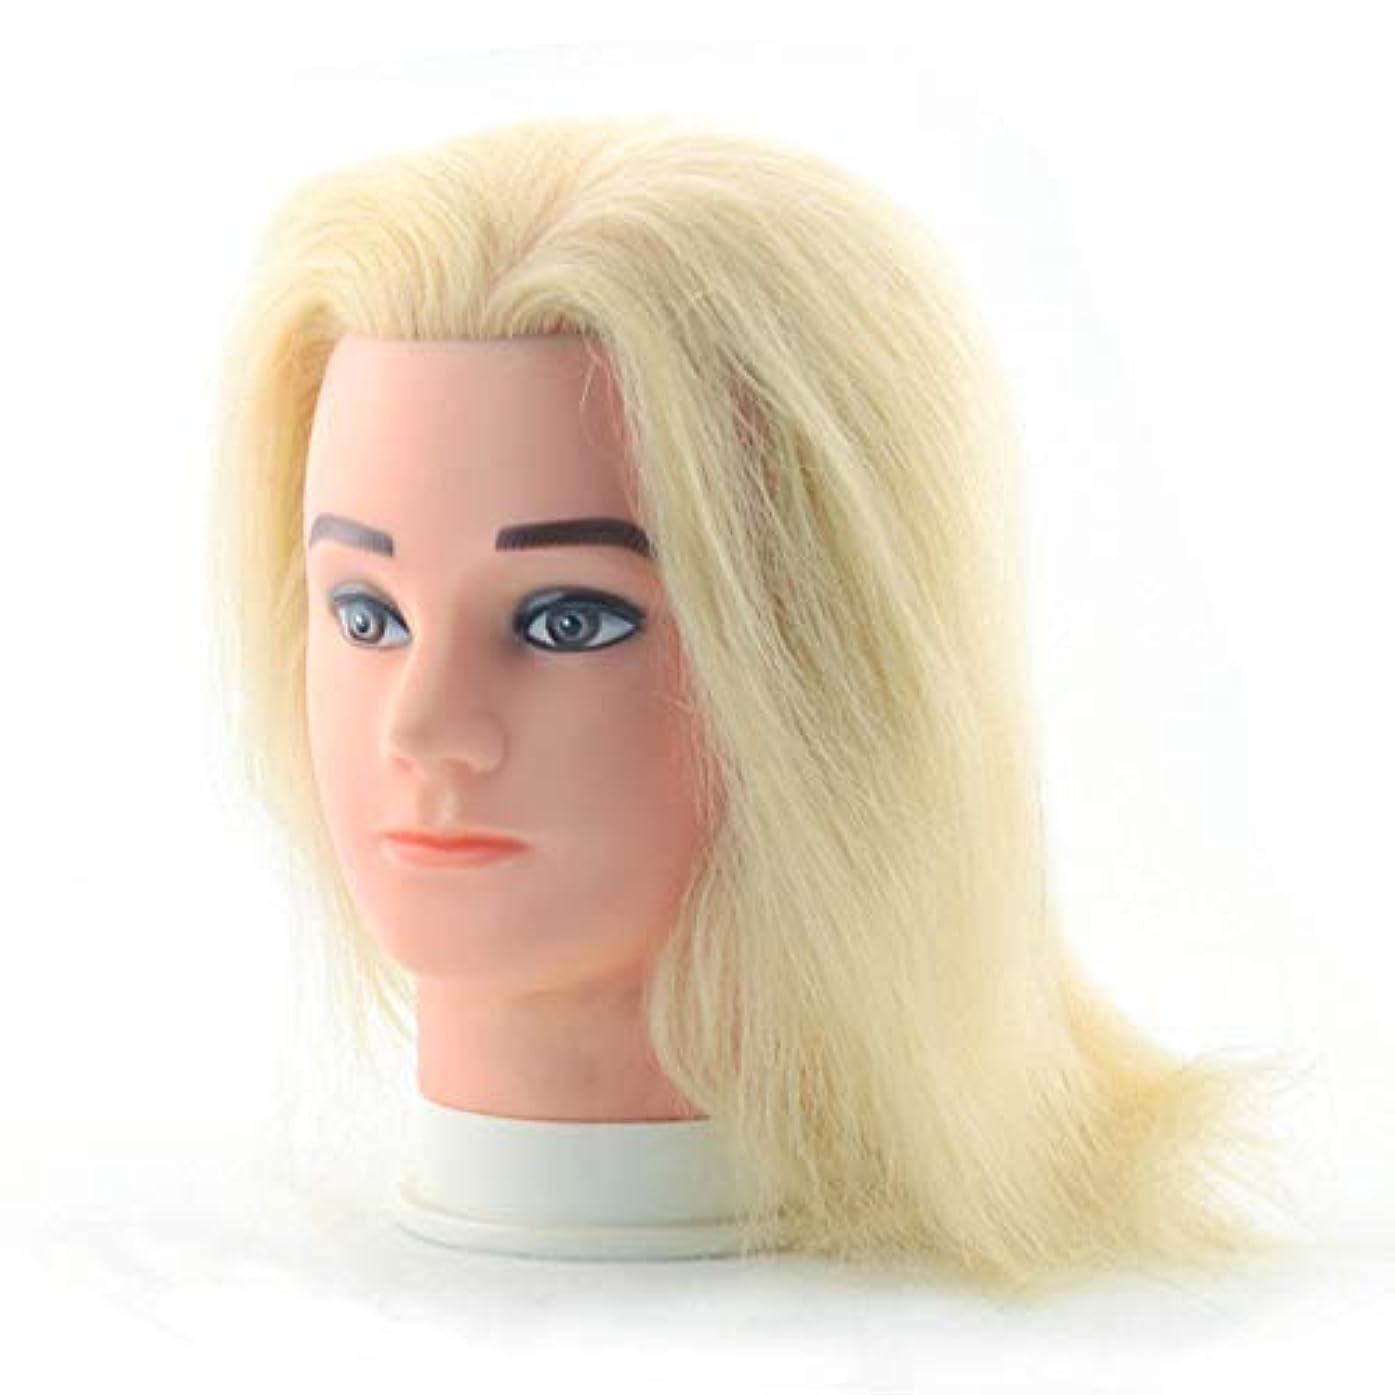 債権者老人達成可能理髪店の男性の化粧本物の人の毛のダミーの頭の編集ヘアプラクティスモデルの頭を染色することができます頭金